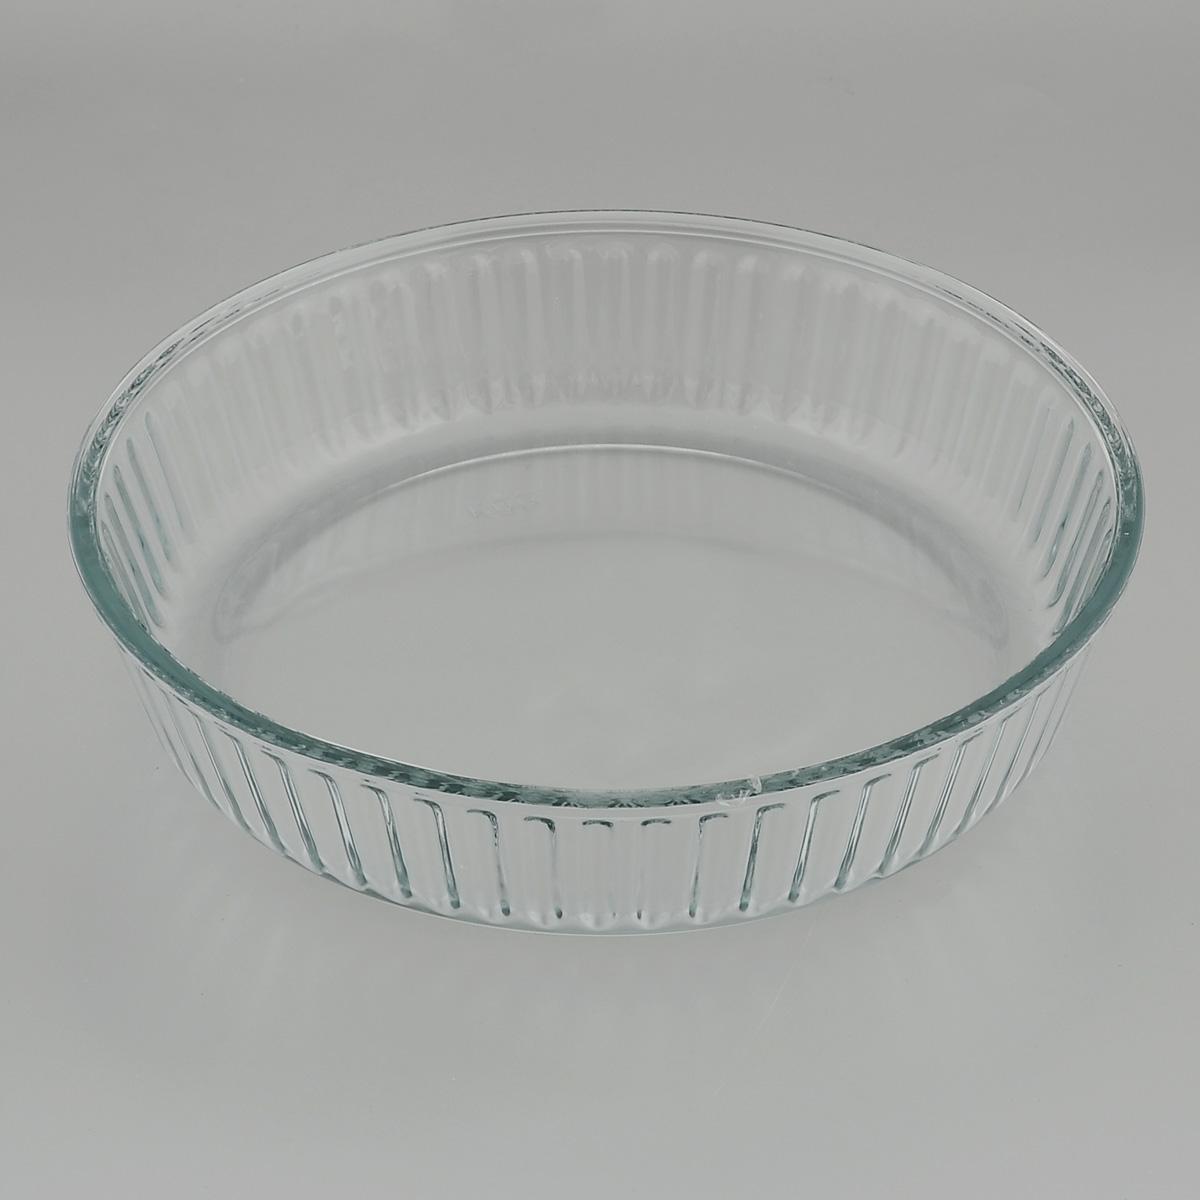 """Круглая форма для запекания """"Mijotex"""" изготовлена из жаропрочного стекла, которое выдерживает температуру до +450°С. Форма предназначена для приготовления горячих блюд. Материал изделия гигиеничен, прост в уходе и обладает высокой степенью прочности.  Форма идеально подходит для использования в духовках, микроволновых печах, холодильниках и морозильных камерах. Также ее можно использовать на газовых плитах (на слабом огне) и на электроплитах. Можно мыть в посудомоечной машине. Диаметр формы: 26 см. Высота стенки формы: 6 см."""